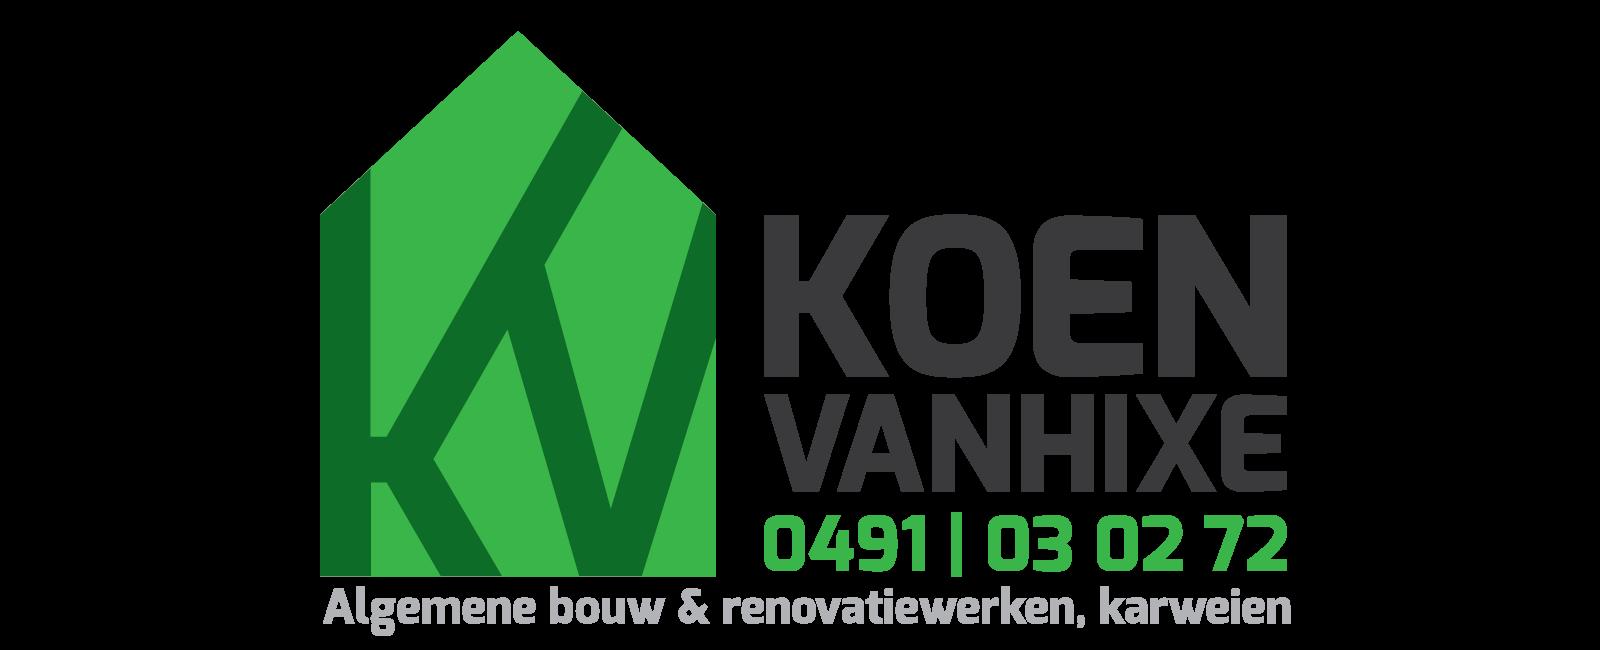 Bouw Koen Vanhixe